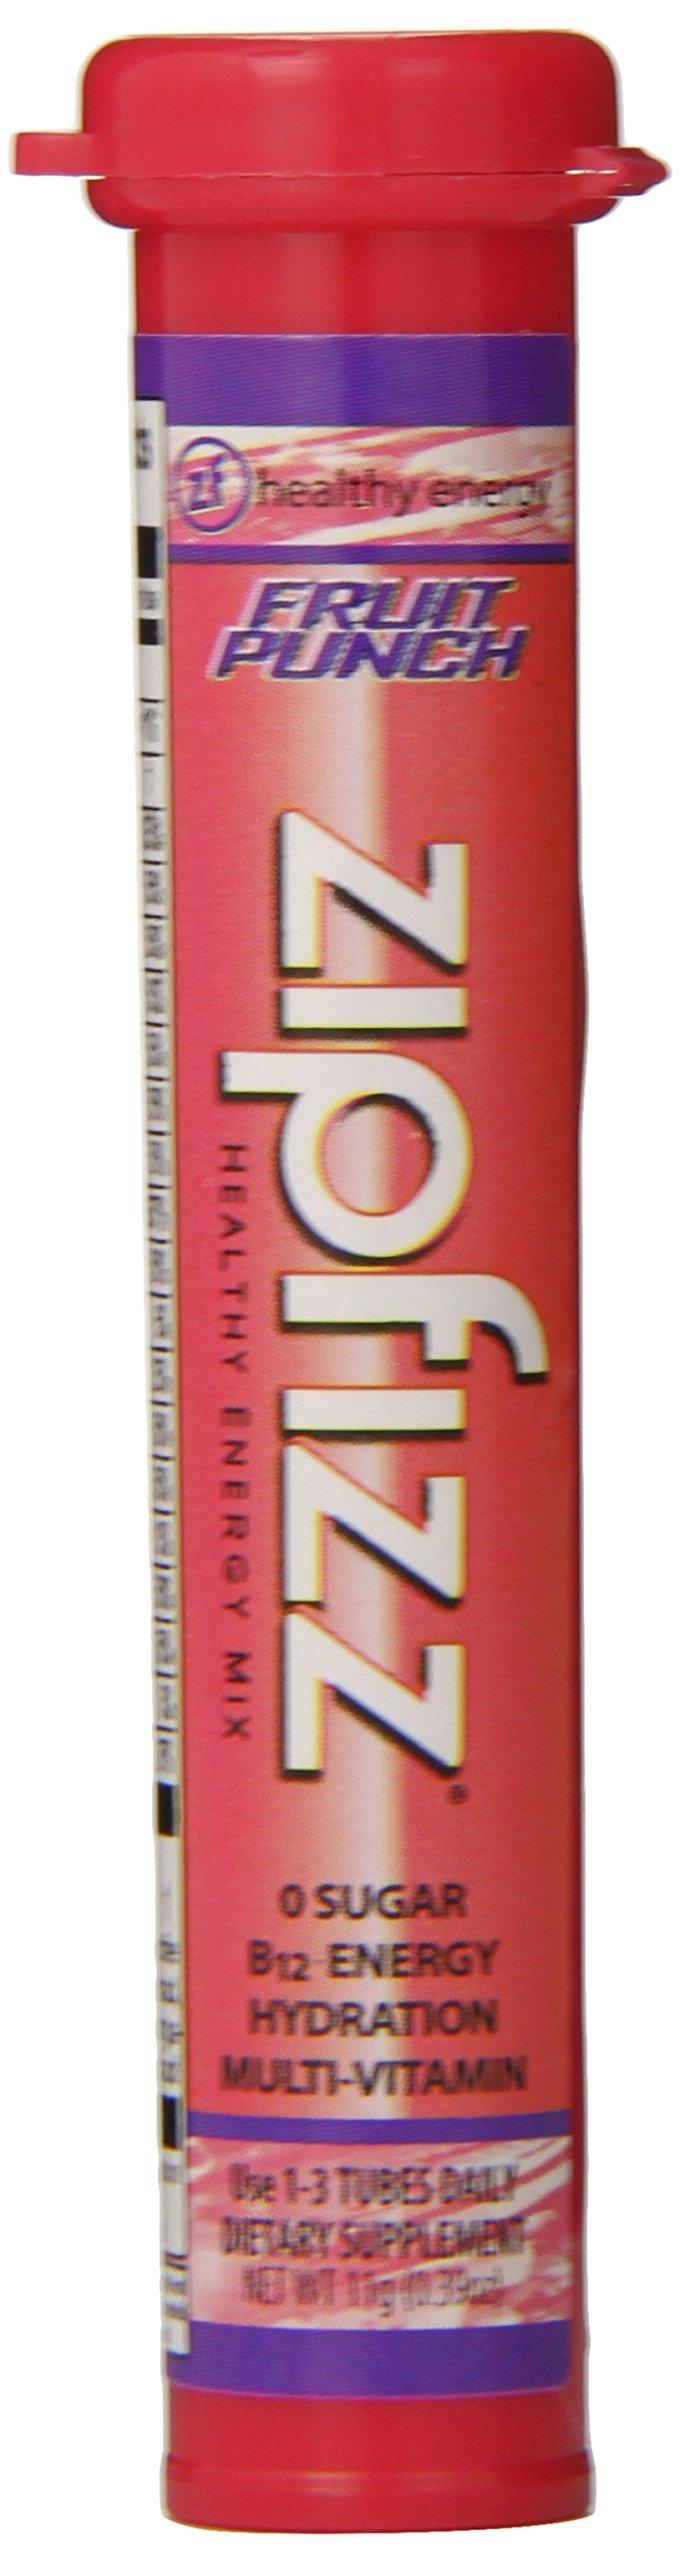 Zipfizz Healthy Energy Drink Mix Fruit Punch 20 Count